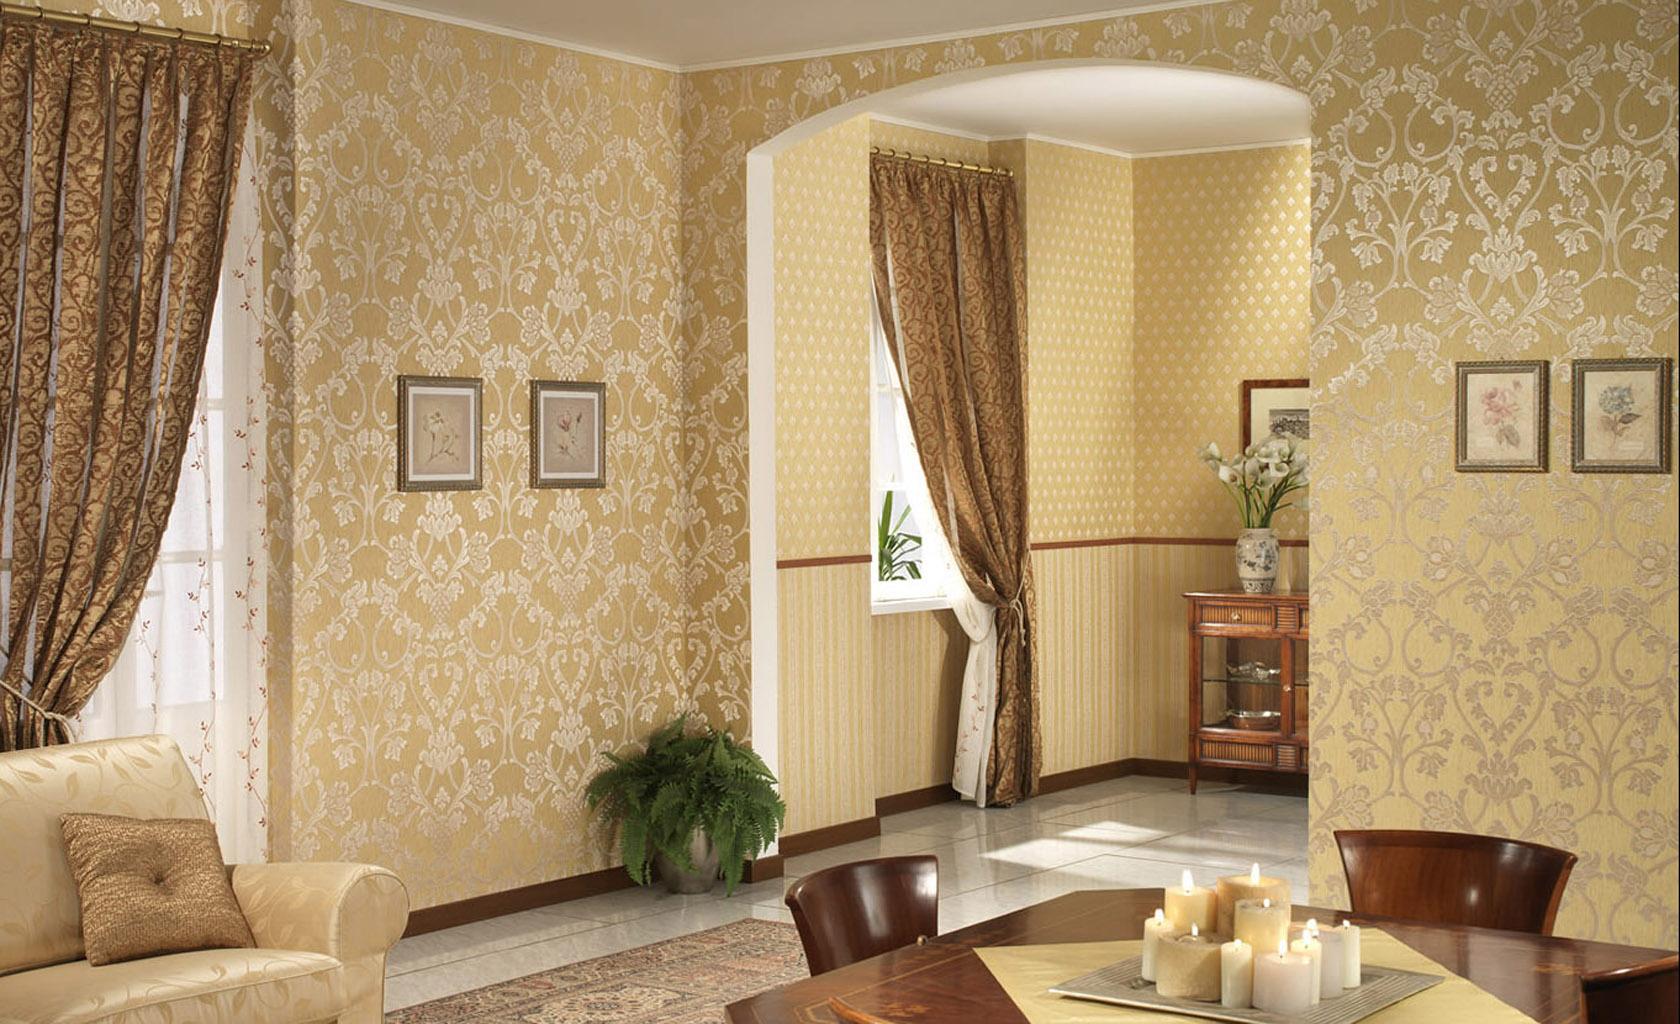 Подбор обоев для гостиной фото